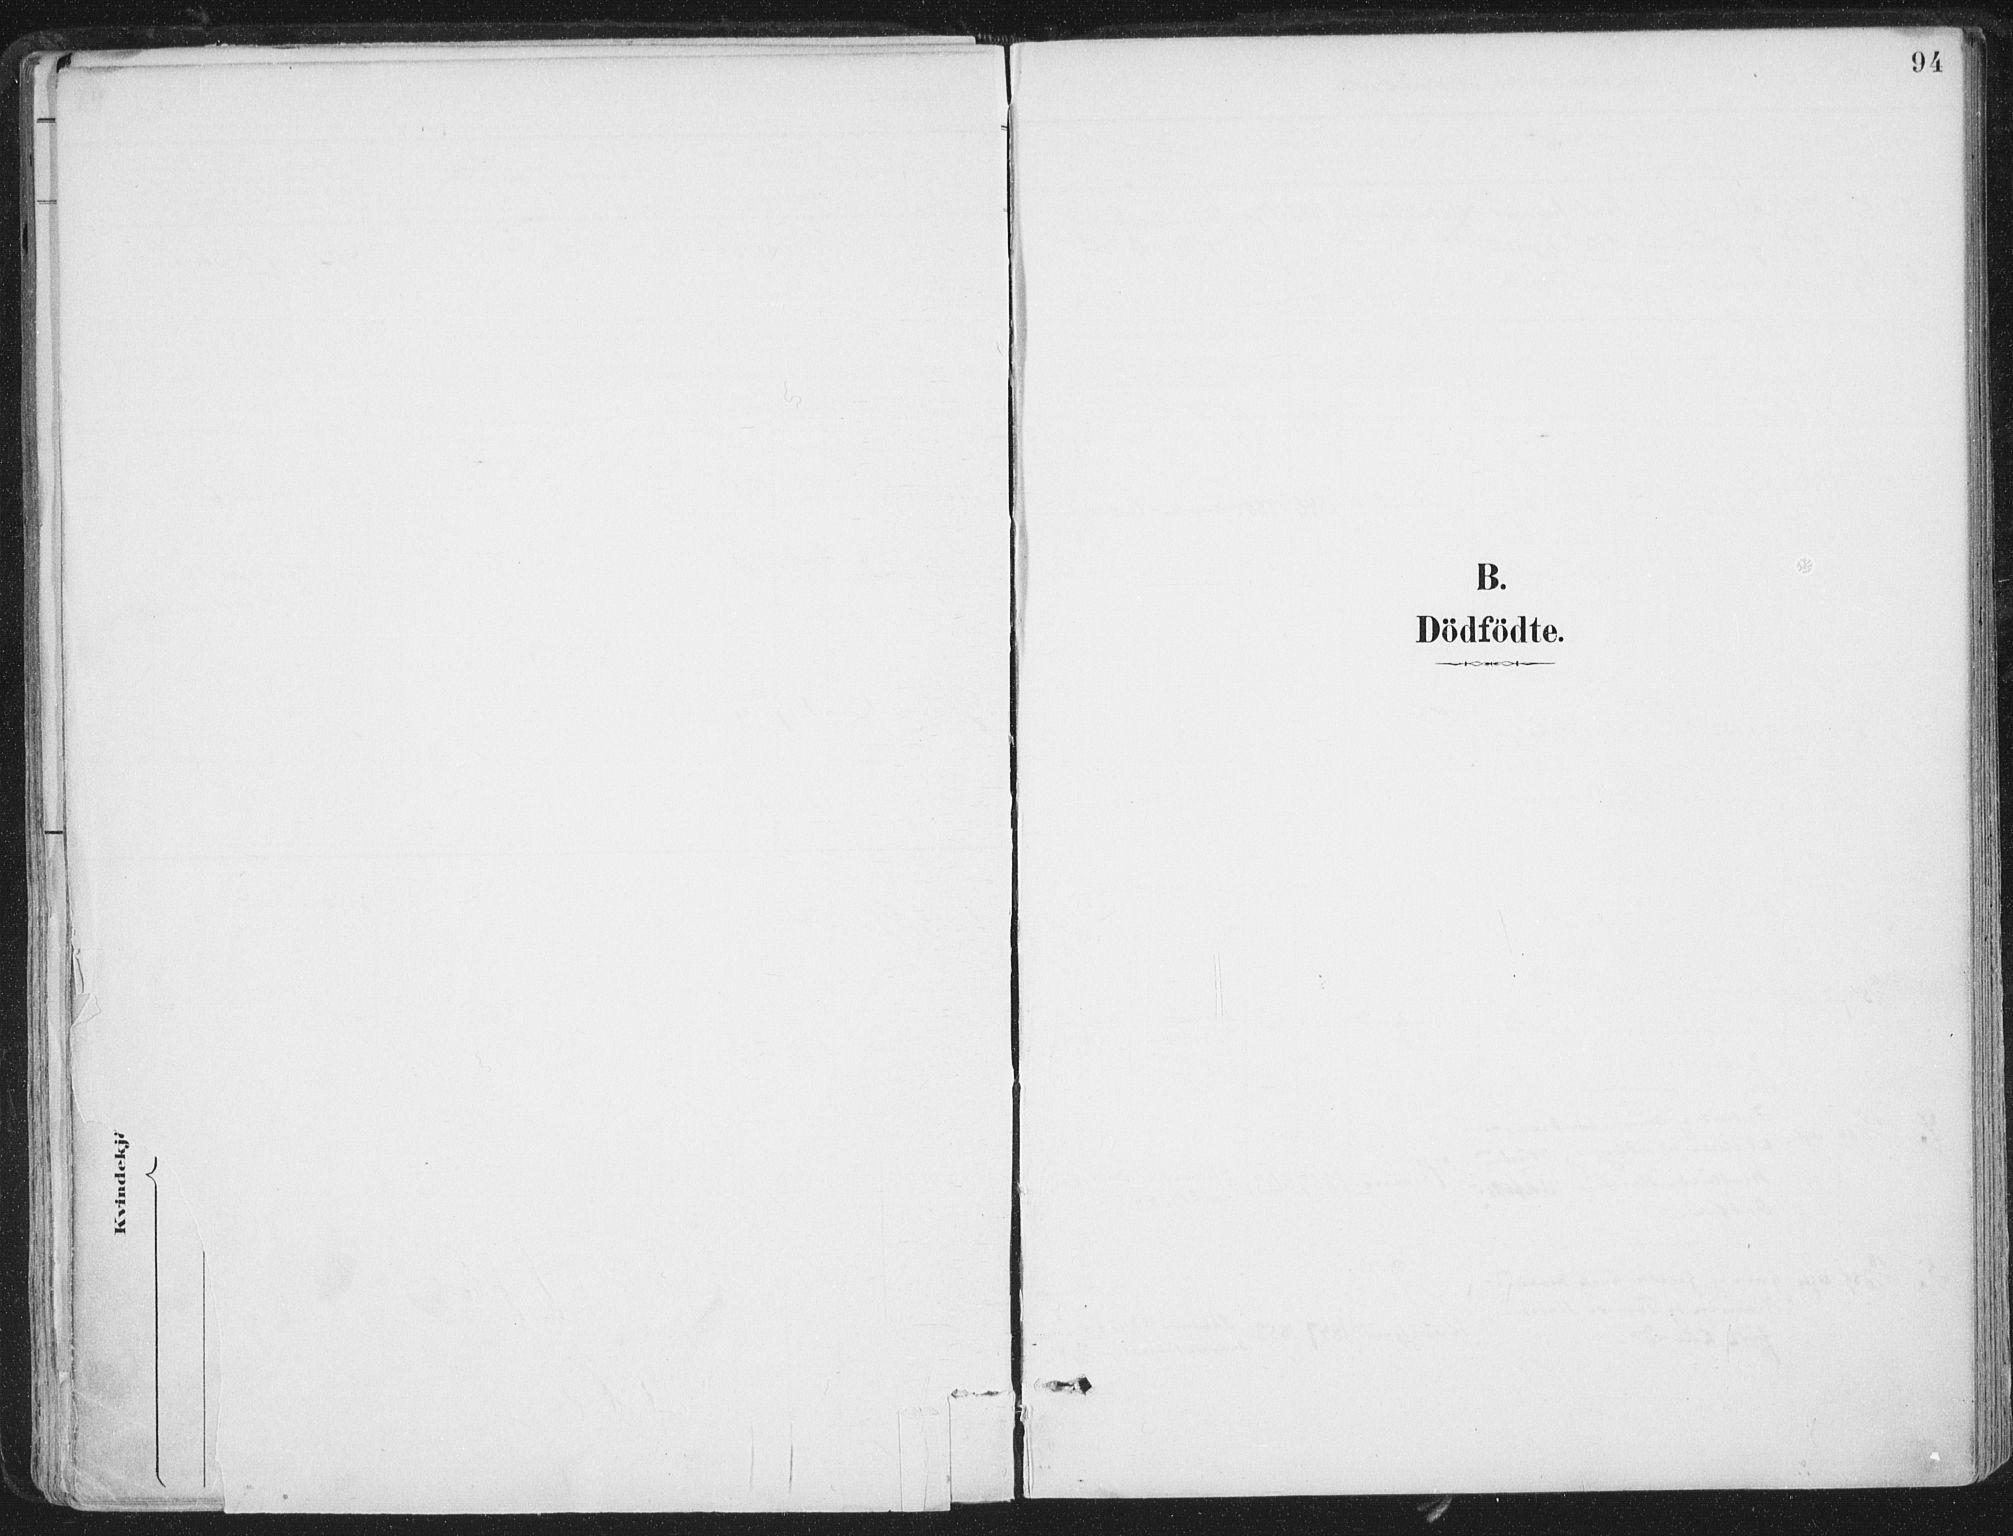 SAT, Ministerialprotokoller, klokkerbøker og fødselsregistre - Nord-Trøndelag, 786/L0687: Ministerialbok nr. 786A03, 1888-1898, s. 94